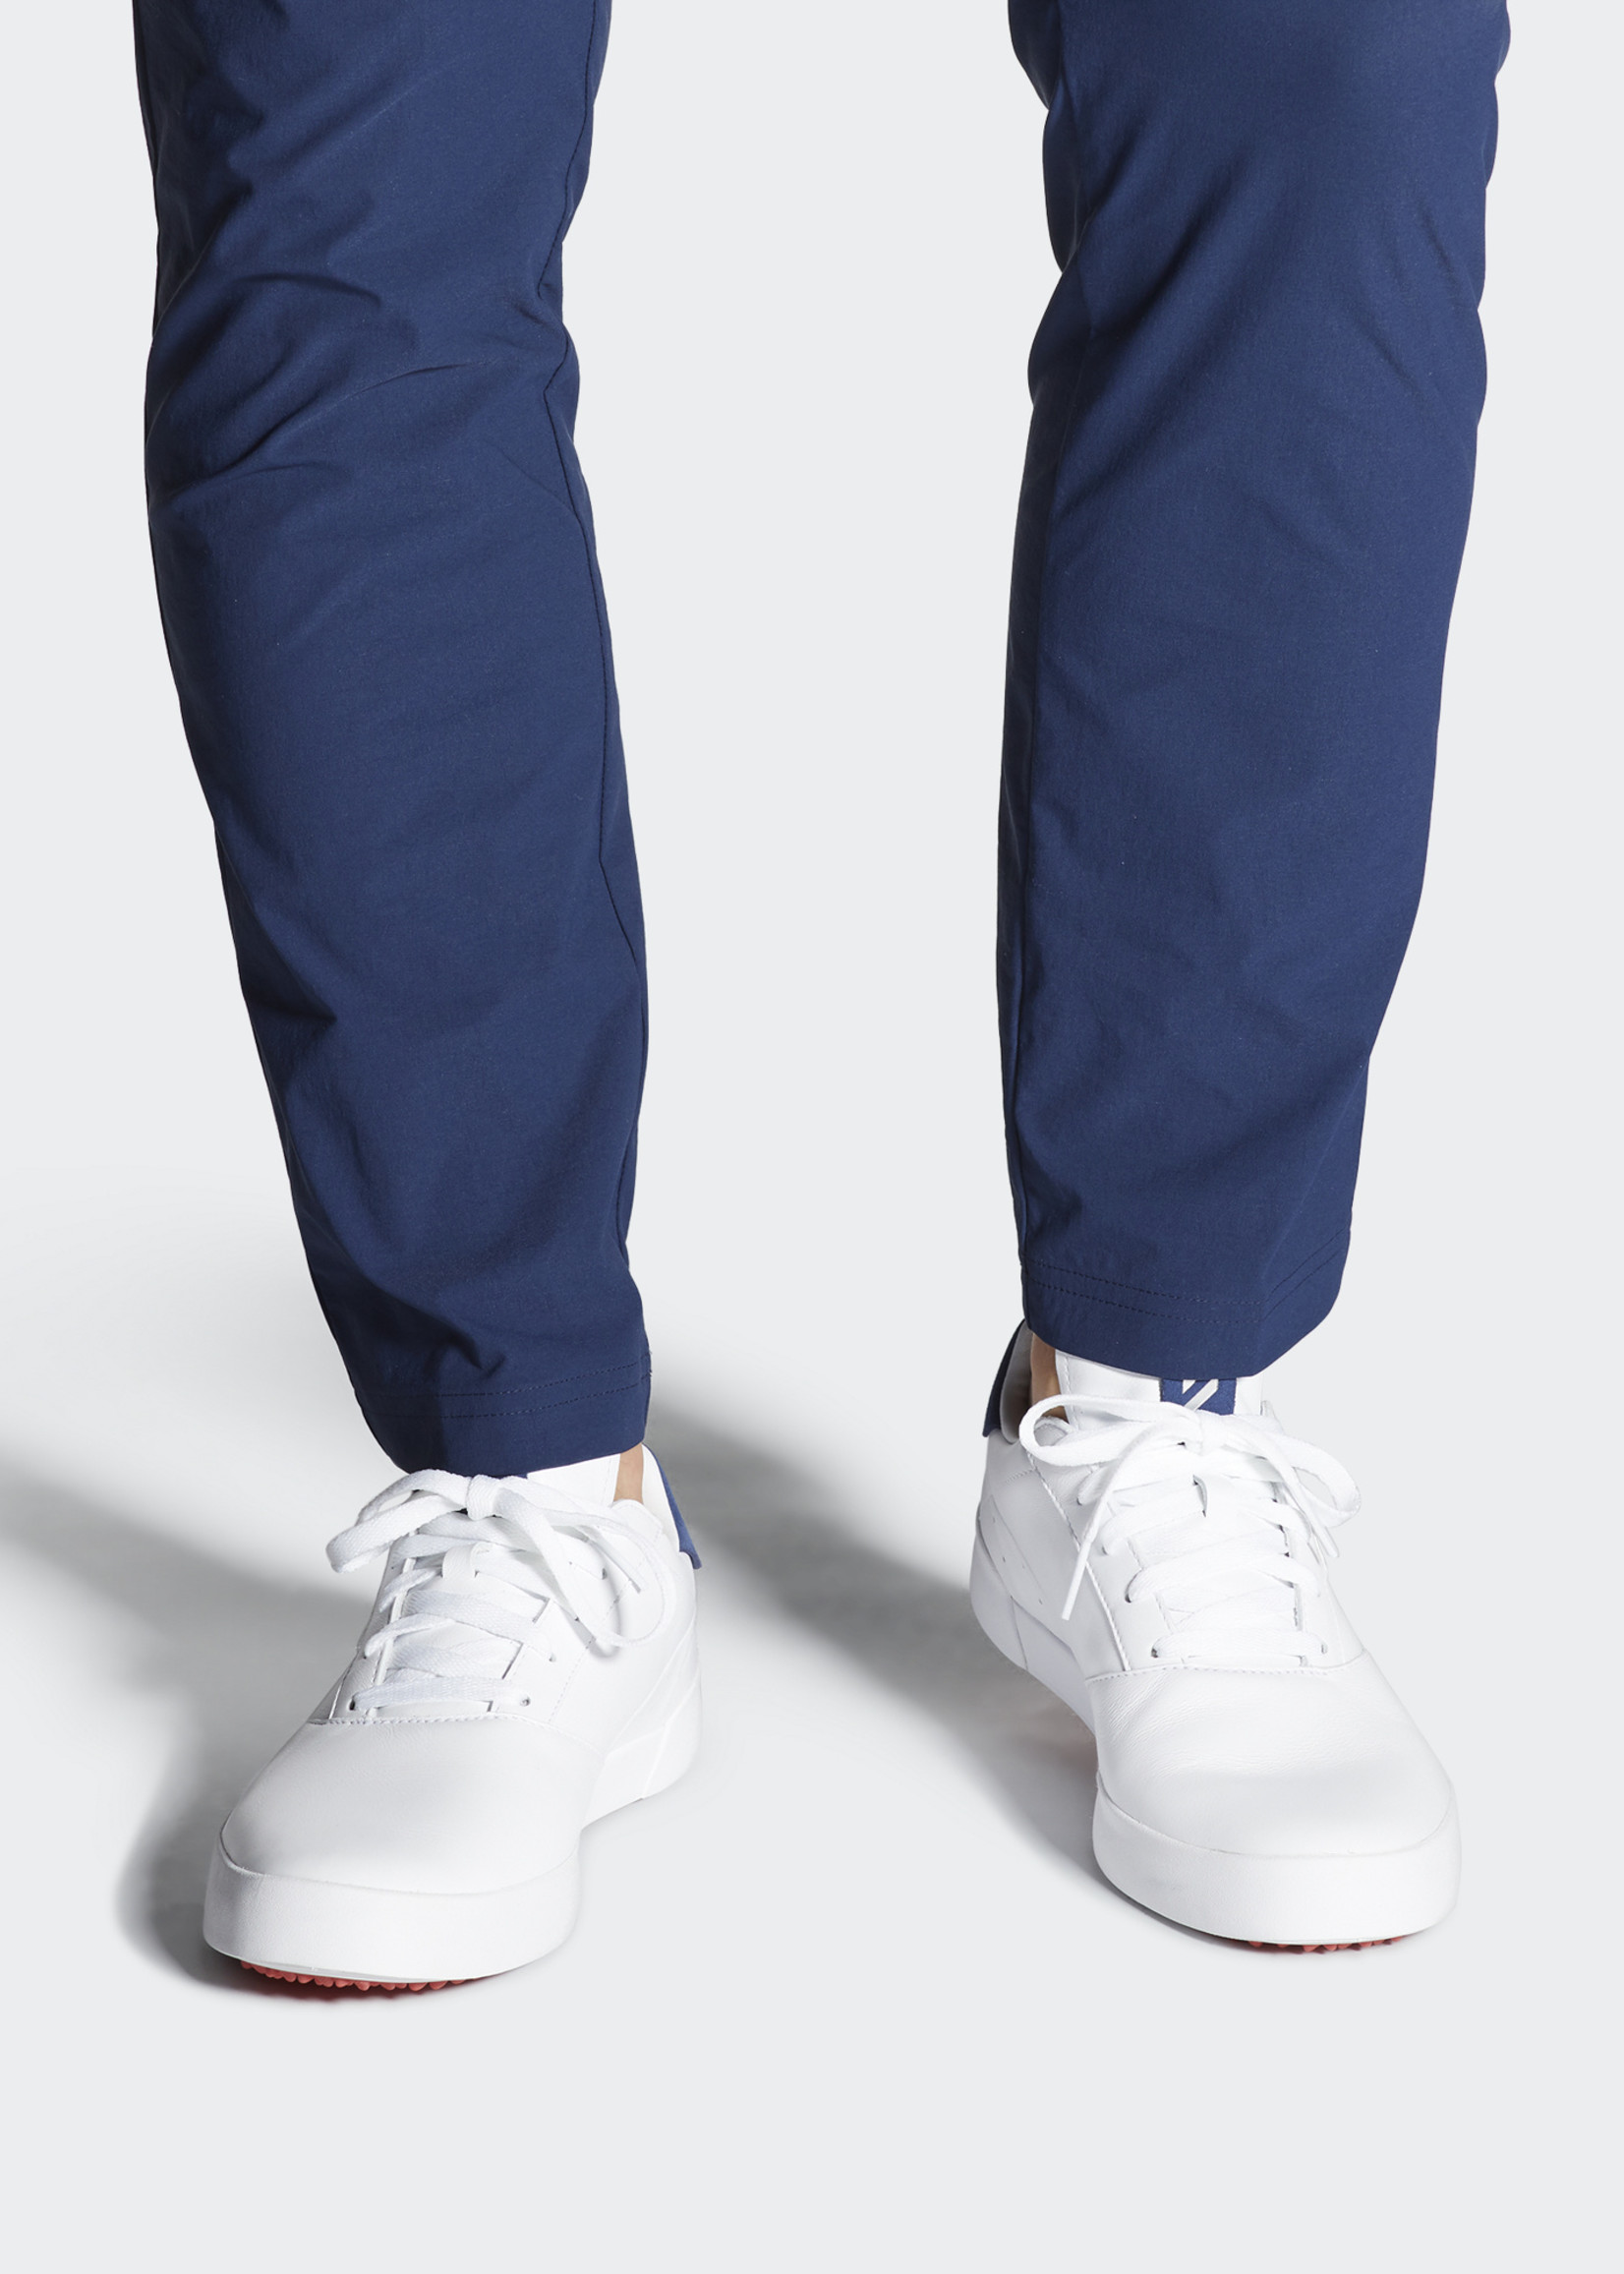 Adidas ADICROSS RETRO      FTWWHT/SILVMT/TECIND